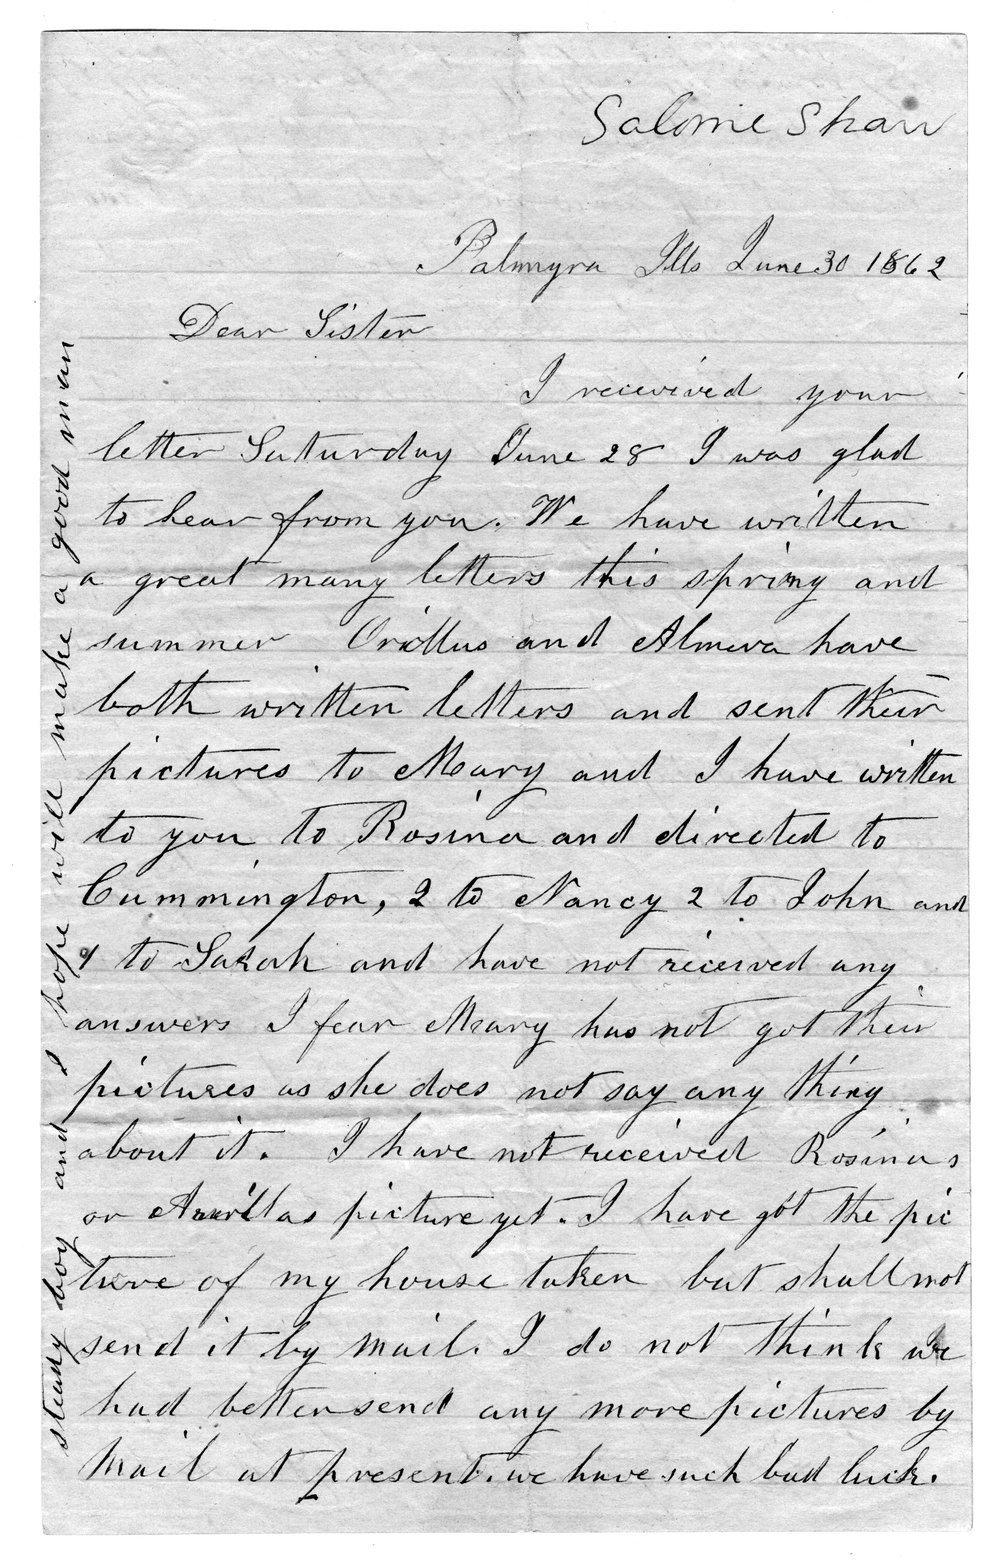 Hiram Hill family correspondence and diary - 6